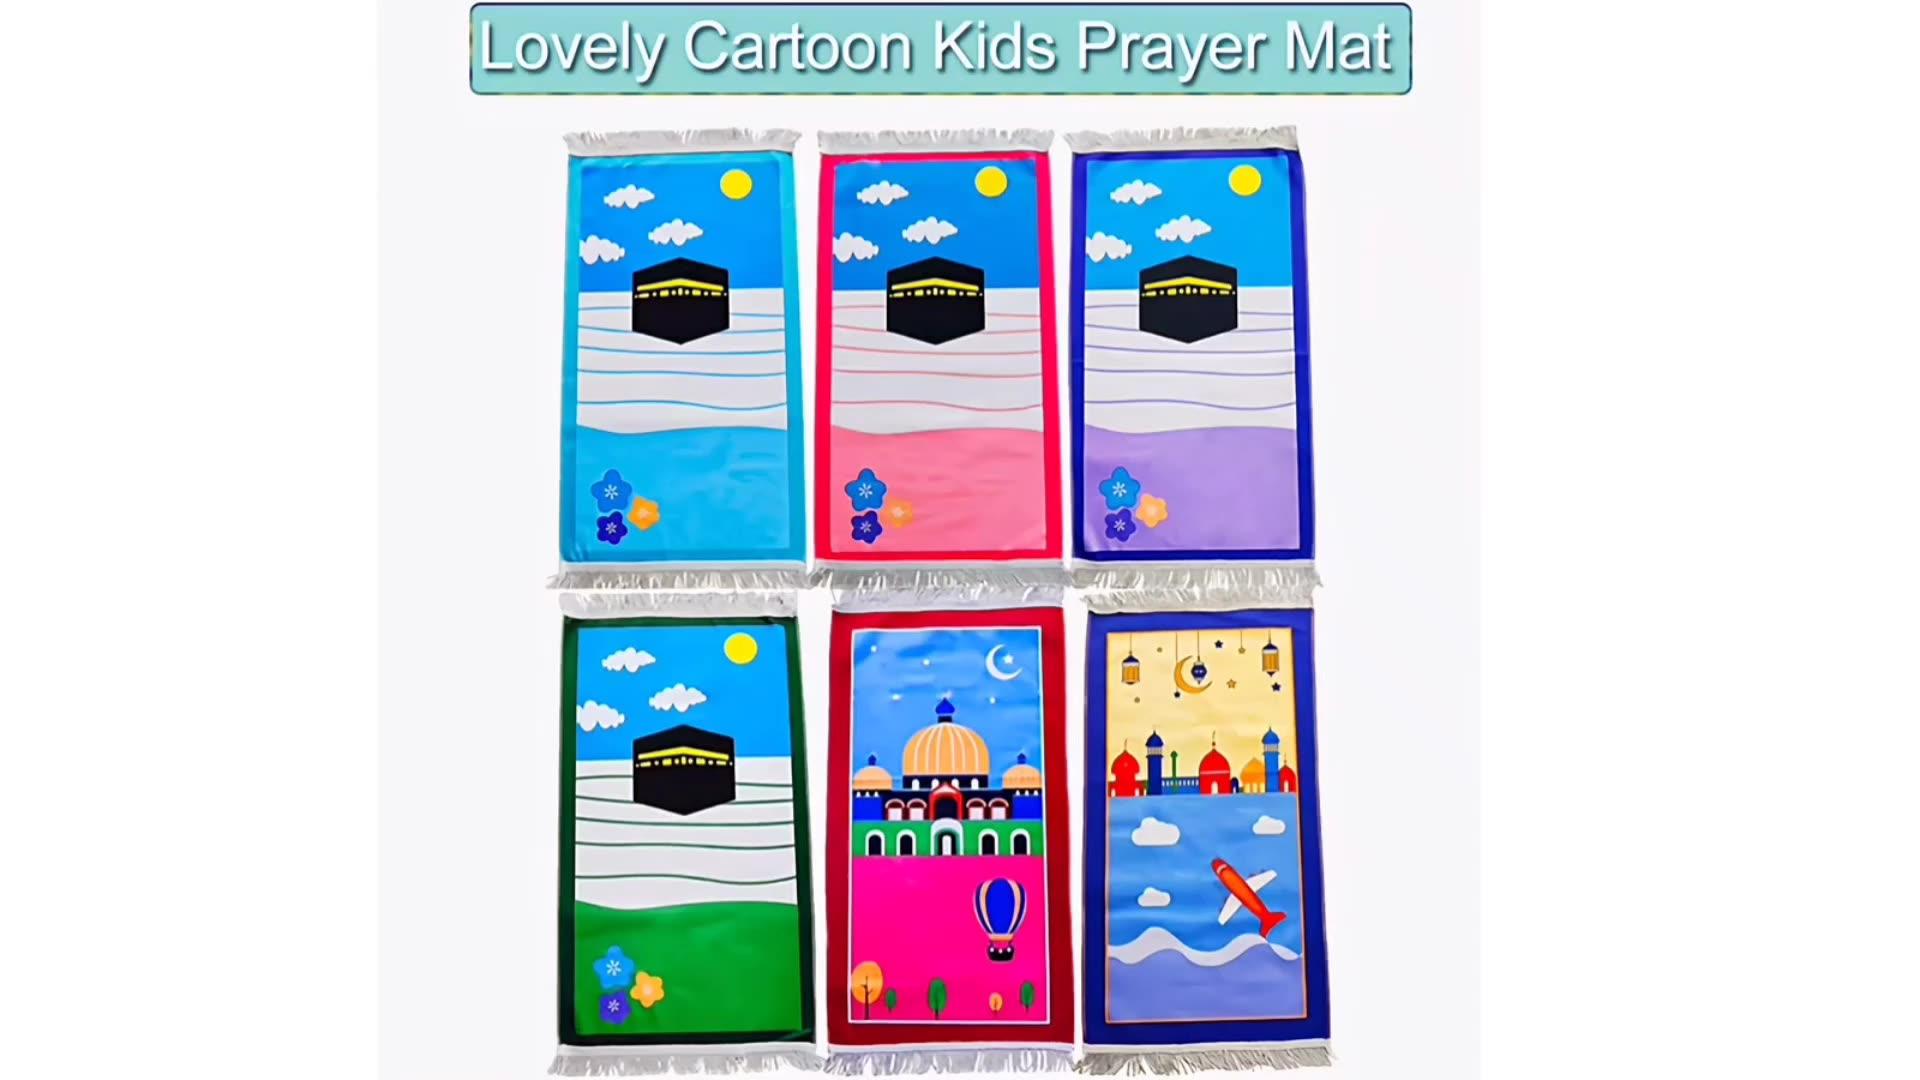 Manurs Karpet Doa Anak-anak Islami, Kualitas Bagus, Karpet Sajadah, Hadiah Islami, Karpet untuk Karpet Doa Muslim